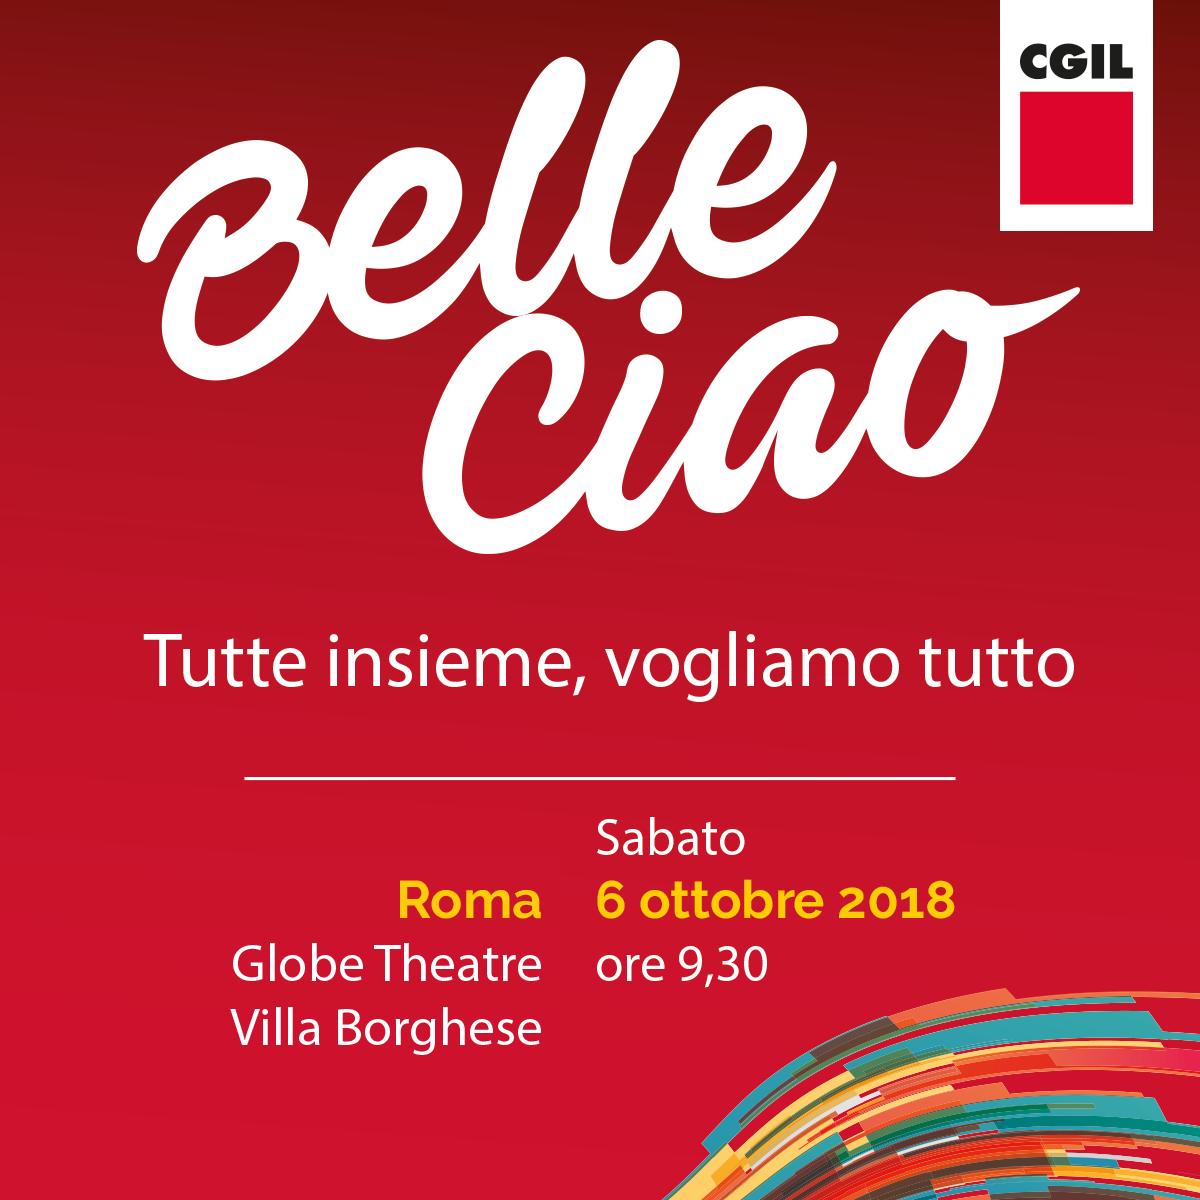 Belle Ciao - Parità di genere protagonista al congresso Cgil 2018